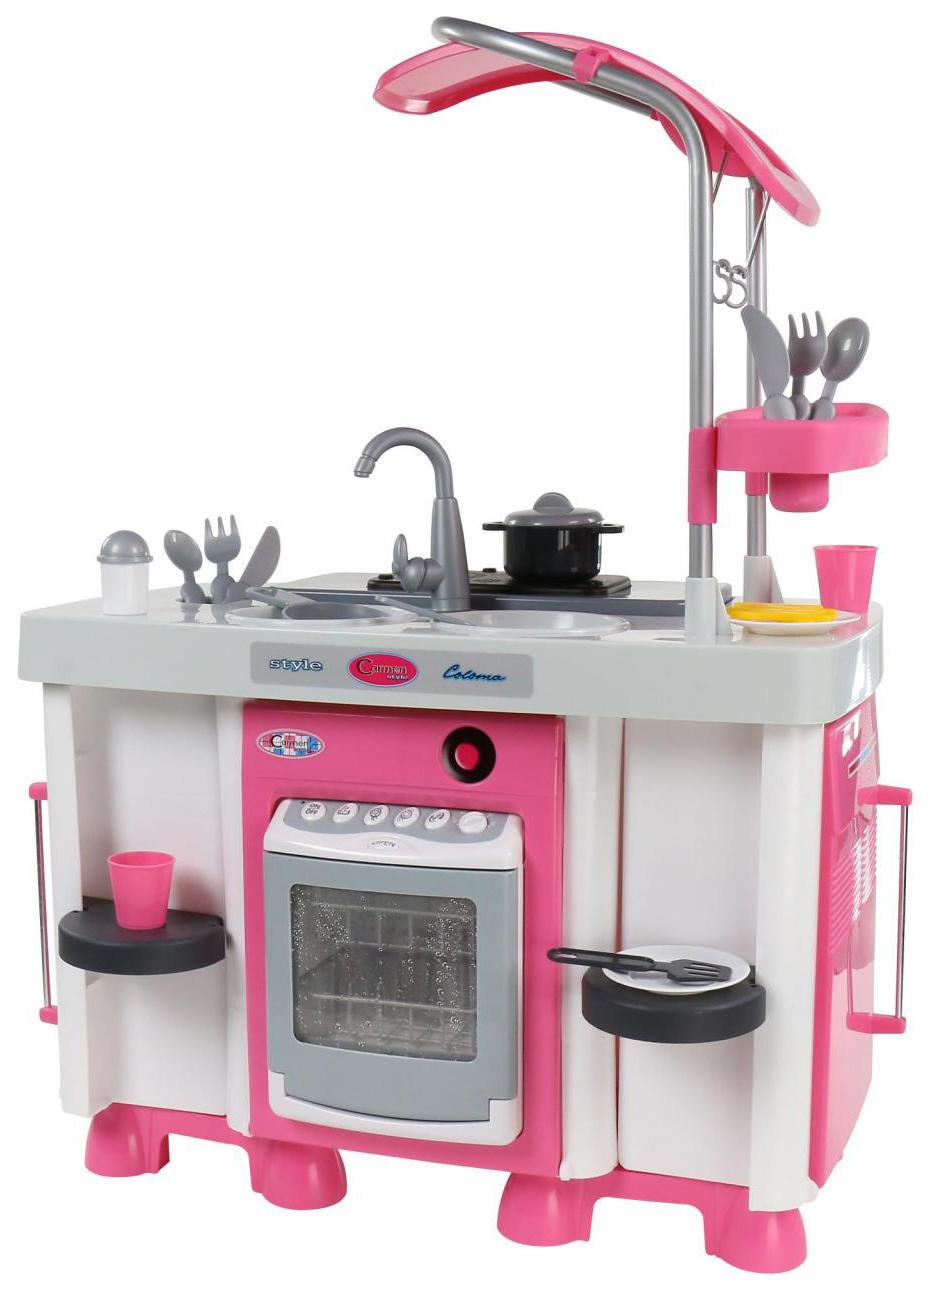 Купить Игрушечные кухни, Набор Coloma Y Pastor Carmen №7 с посудомоечной машиной и варочной панелью, Детская кухня